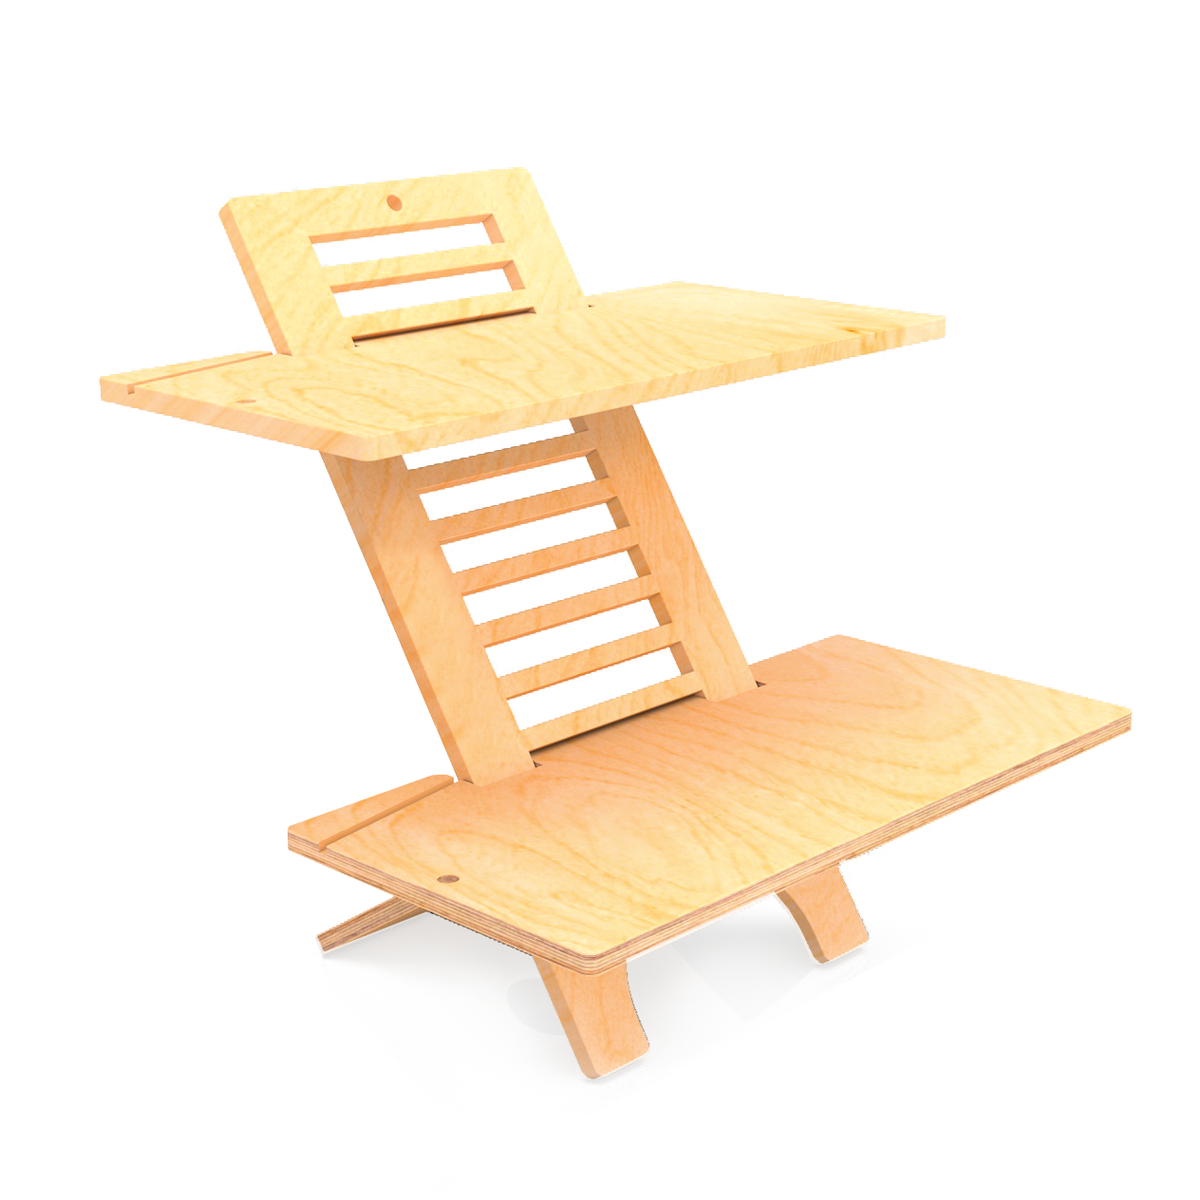 Jumbo Deskstand Standing Desk Buy Online in South Africa